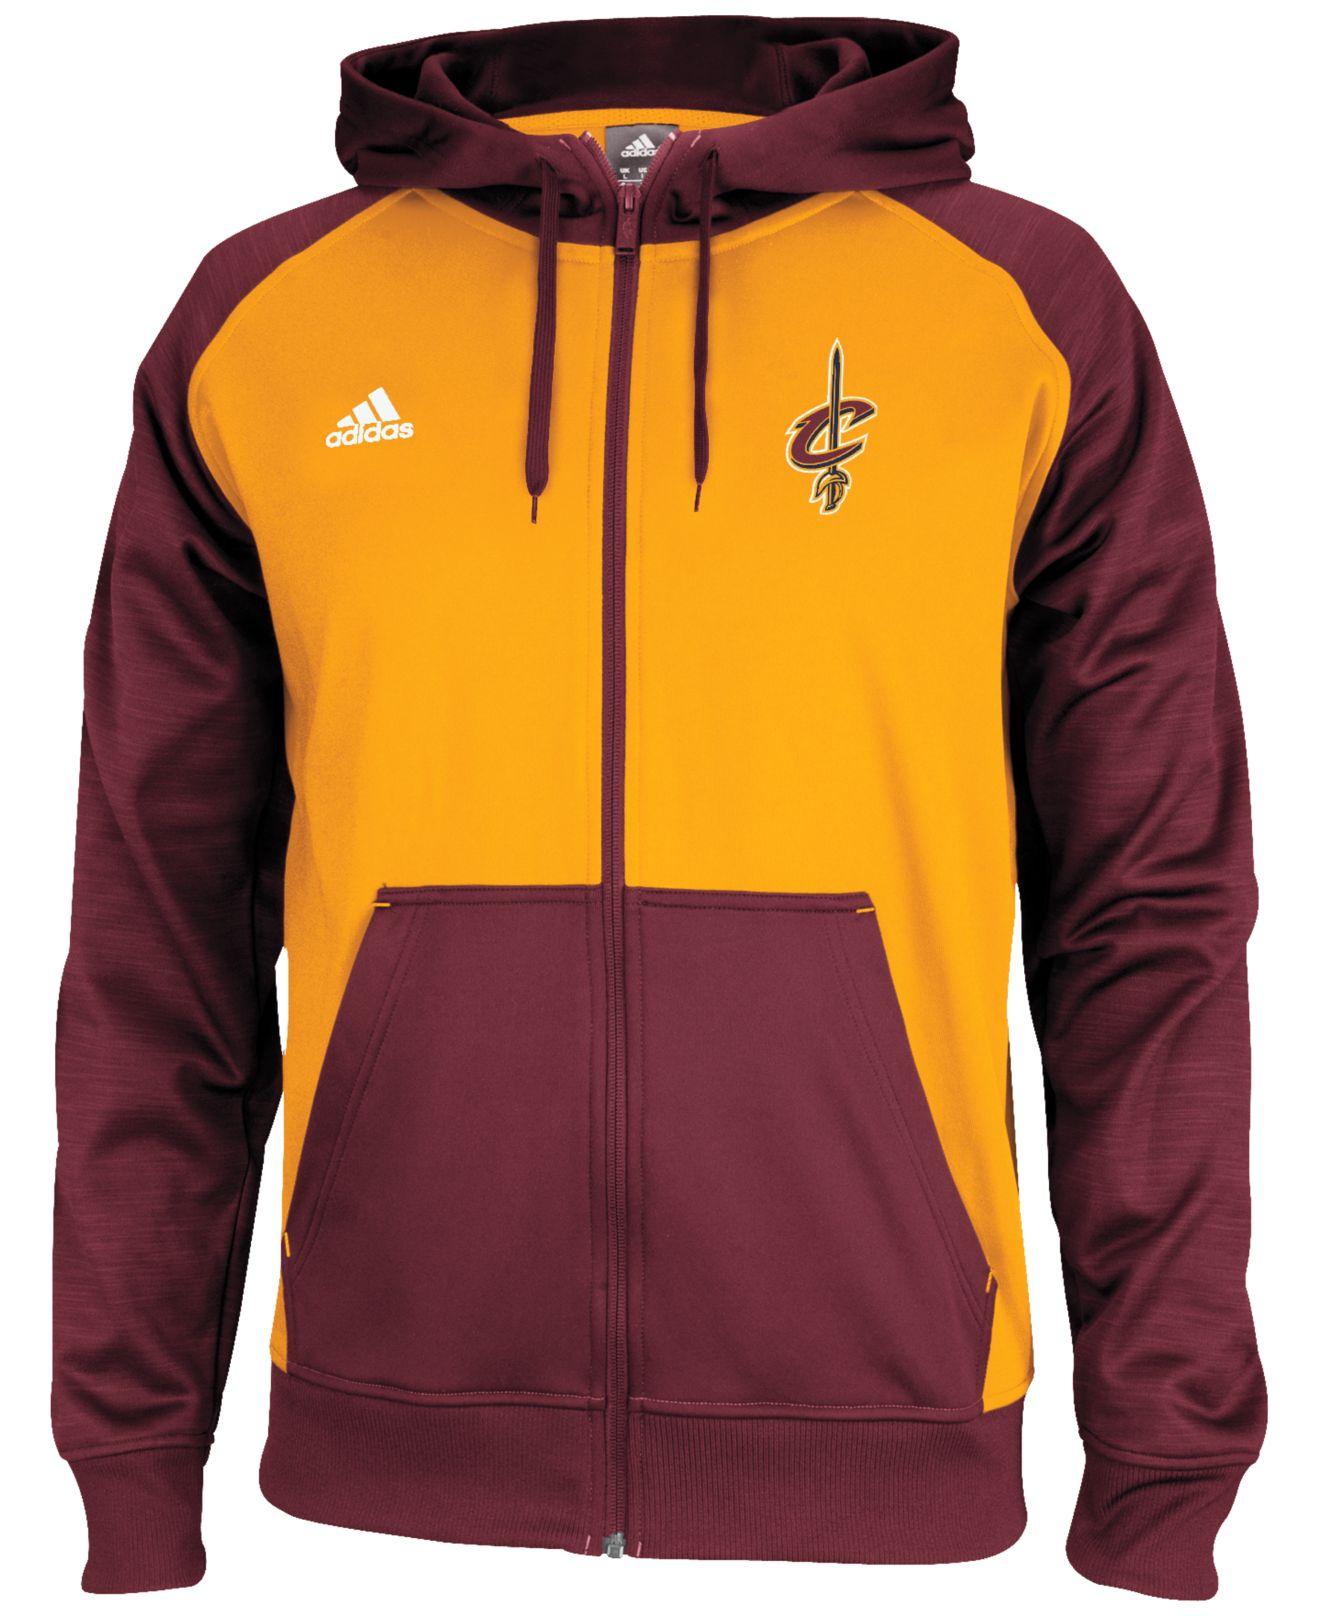 Nominal Establecimiento Huelga  adidas Men'S Cleveland Cavaliers Pre-Game Full-Zip Hoodie in ...